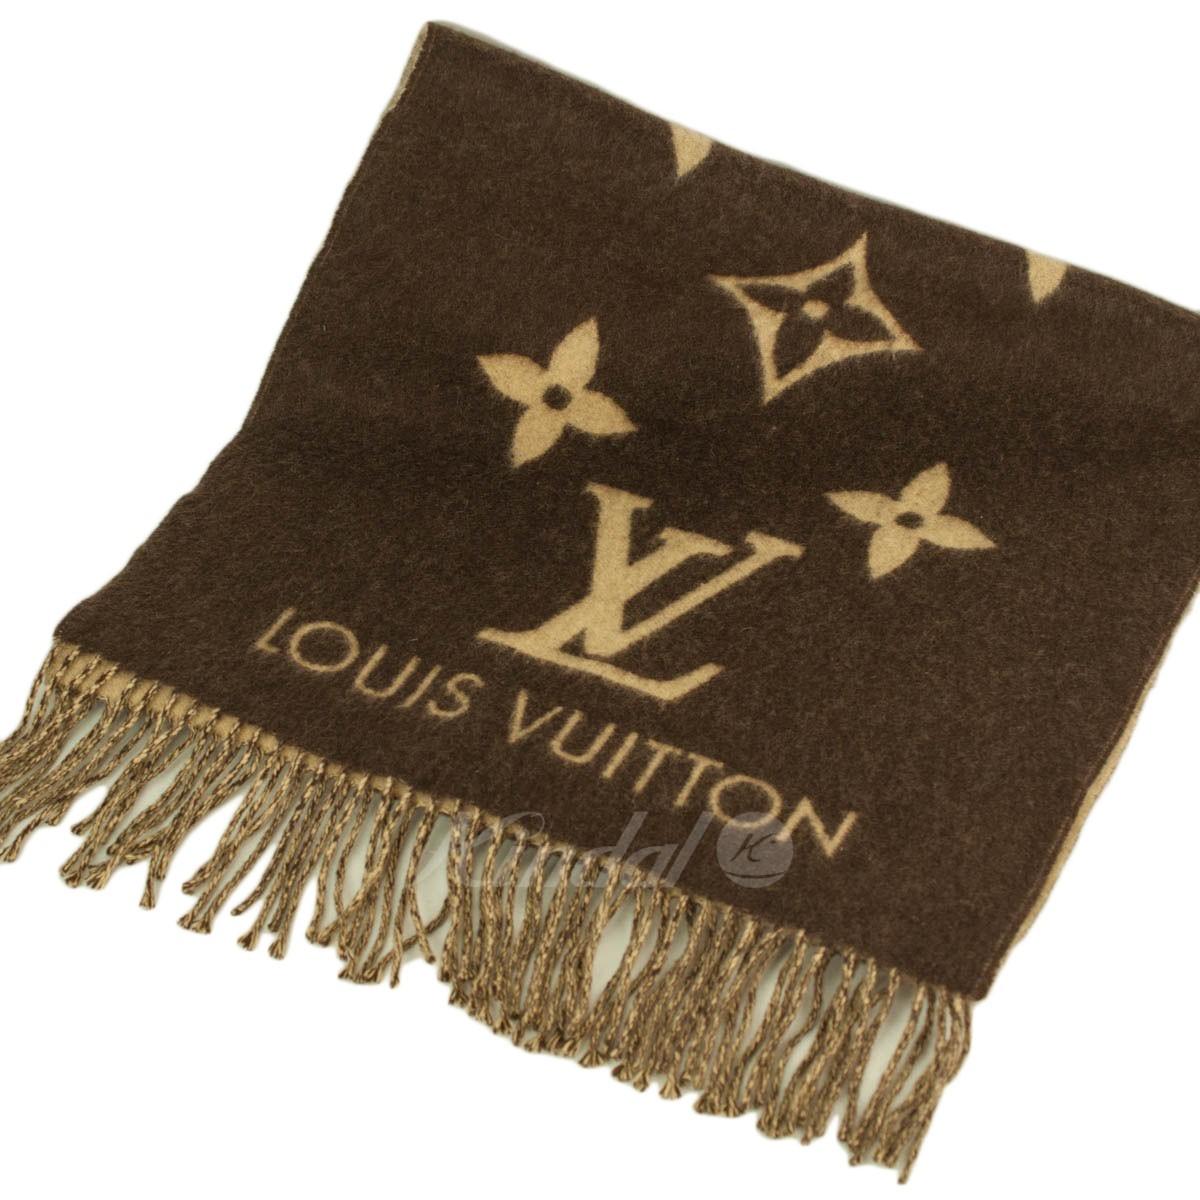 【中古】LOUIS VUITTON M71048 モノグラム カシミヤマフラー ブラウン/ベージュ 【送料無料】 【041018】(ルイヴィトン)